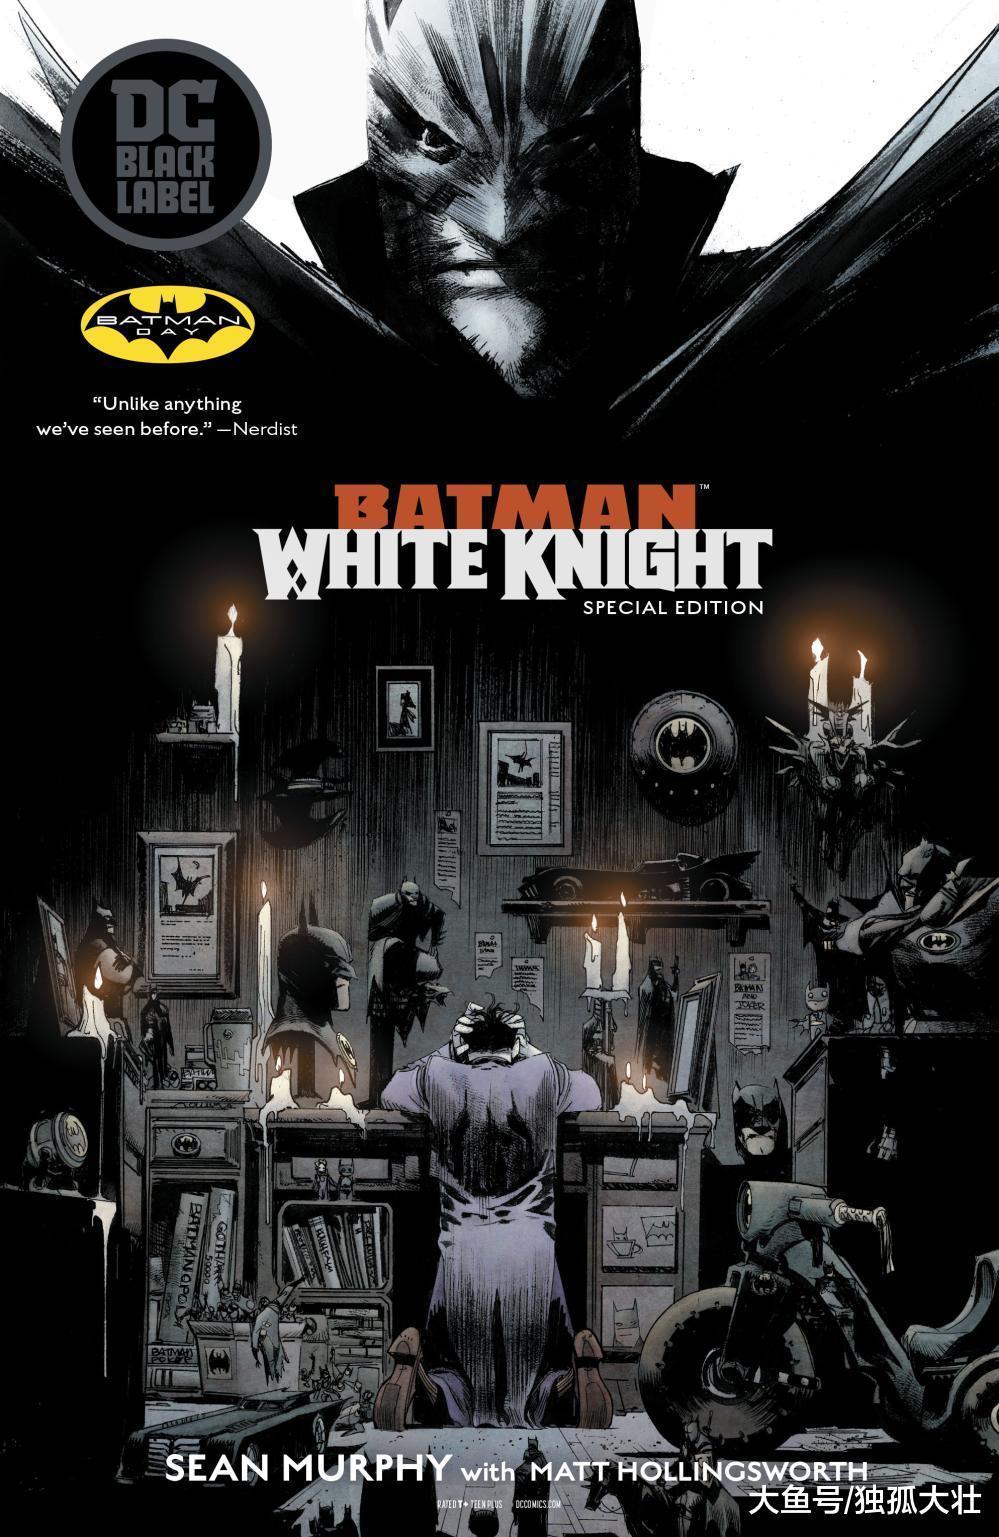 小丑为何一直对蝙蝠侠手下留情? 蝙蝠侠对他来说真的很重要!